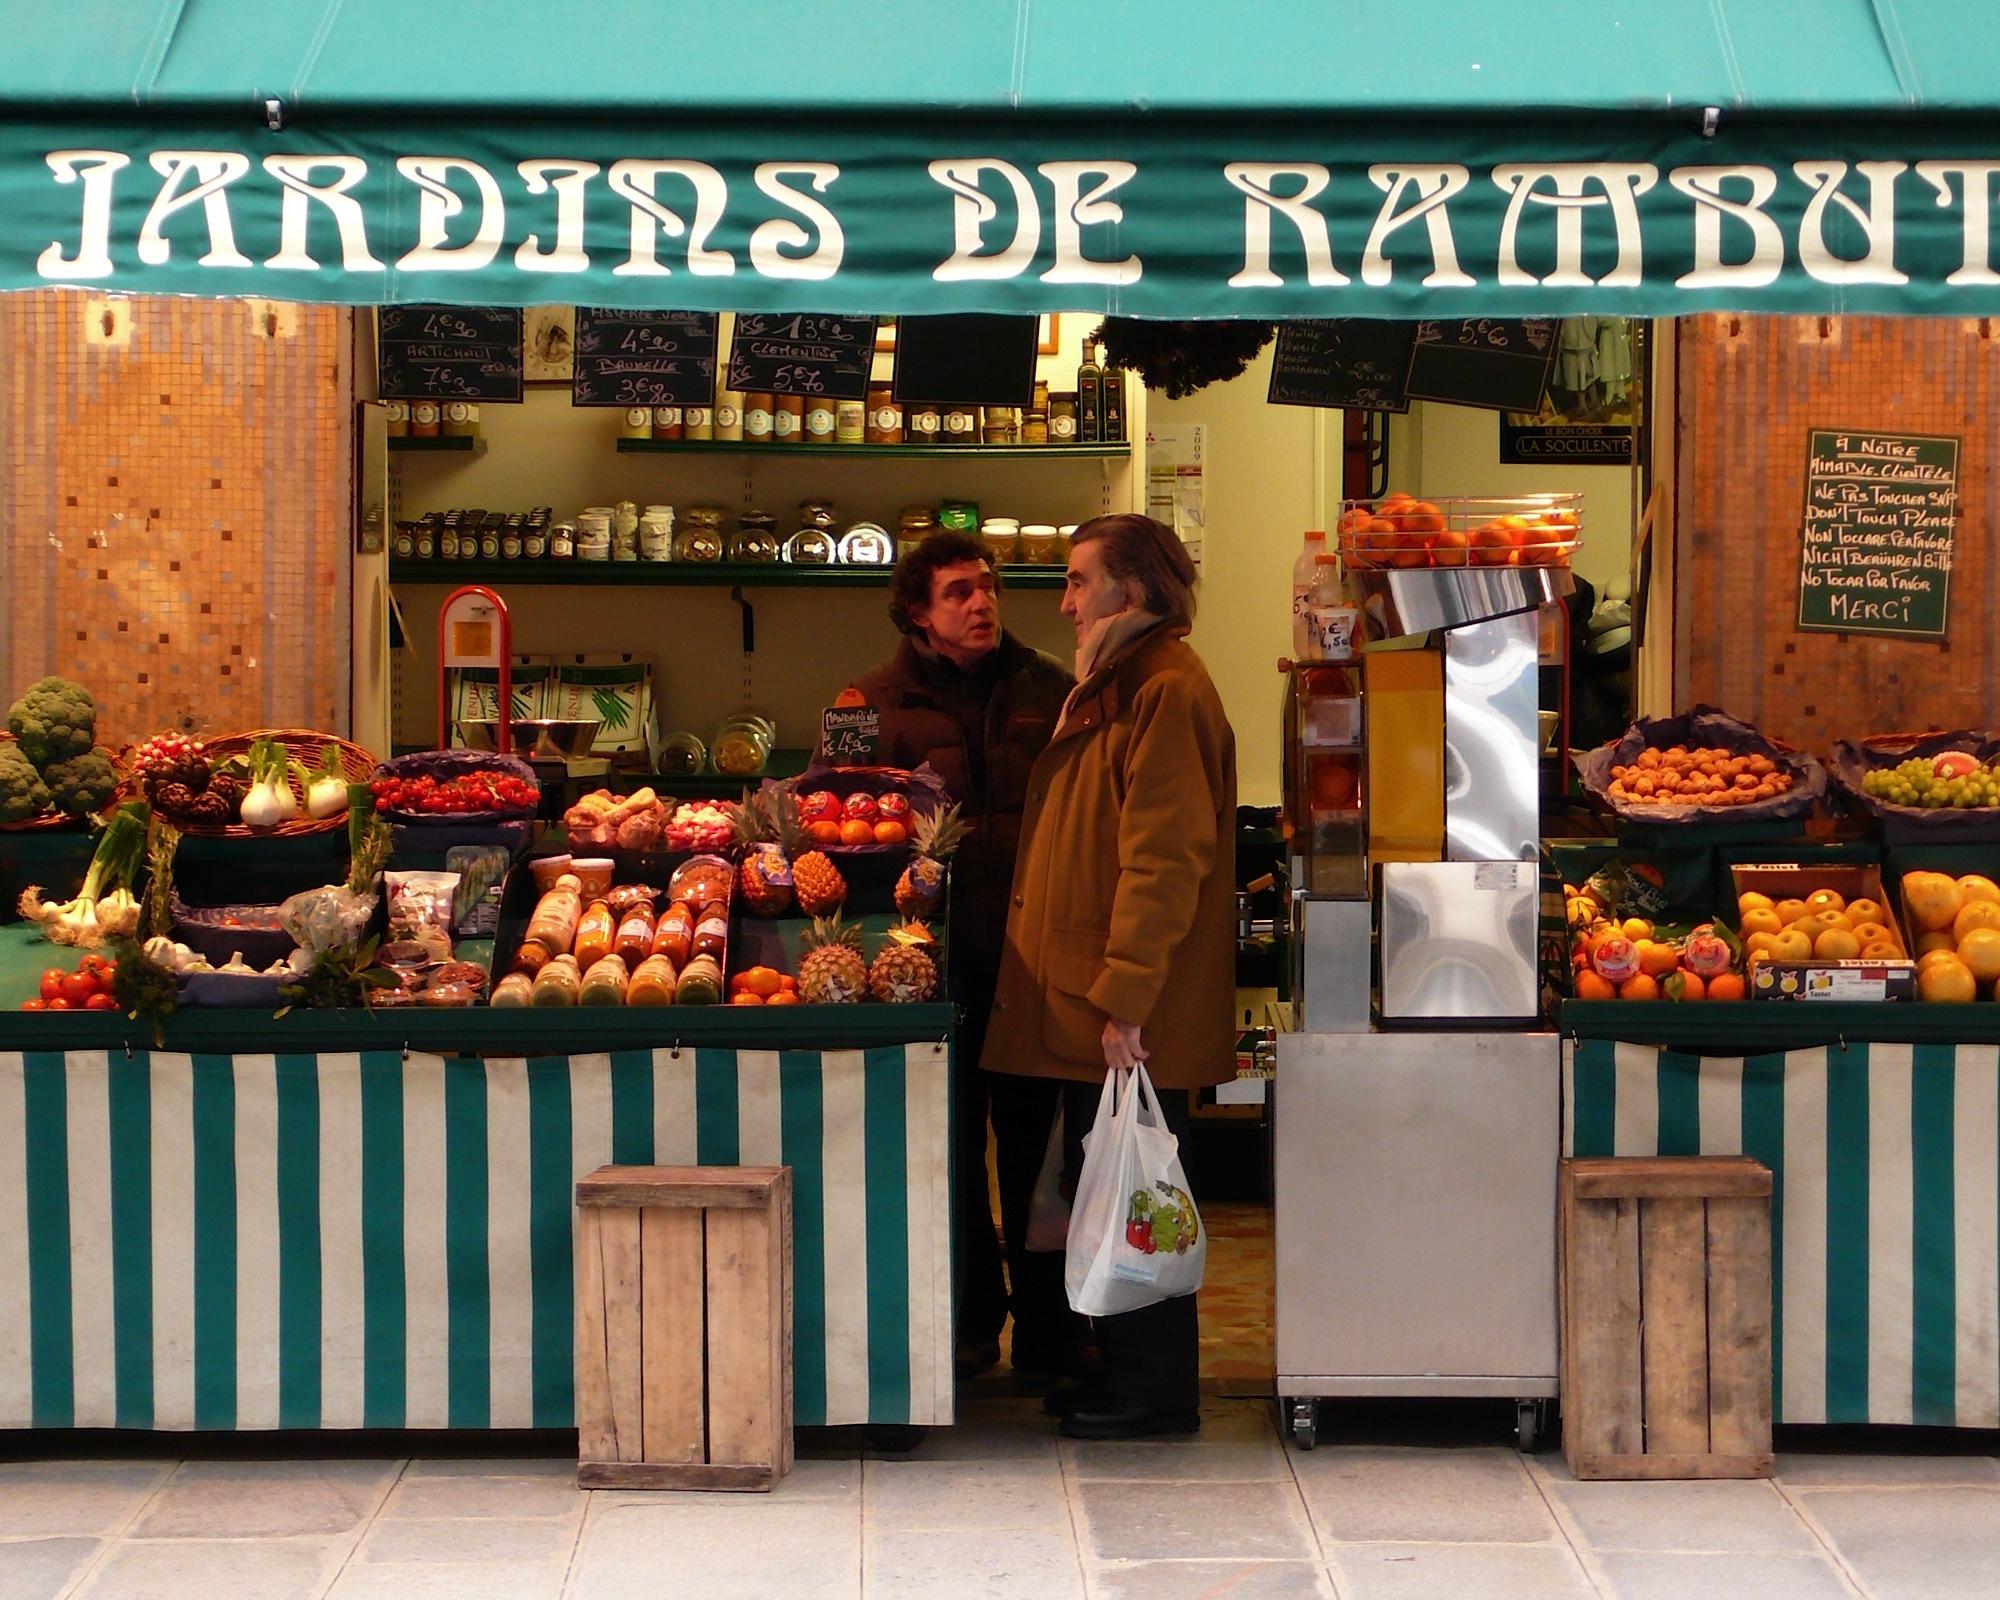 paris-market-16x20-P1110399.jpg